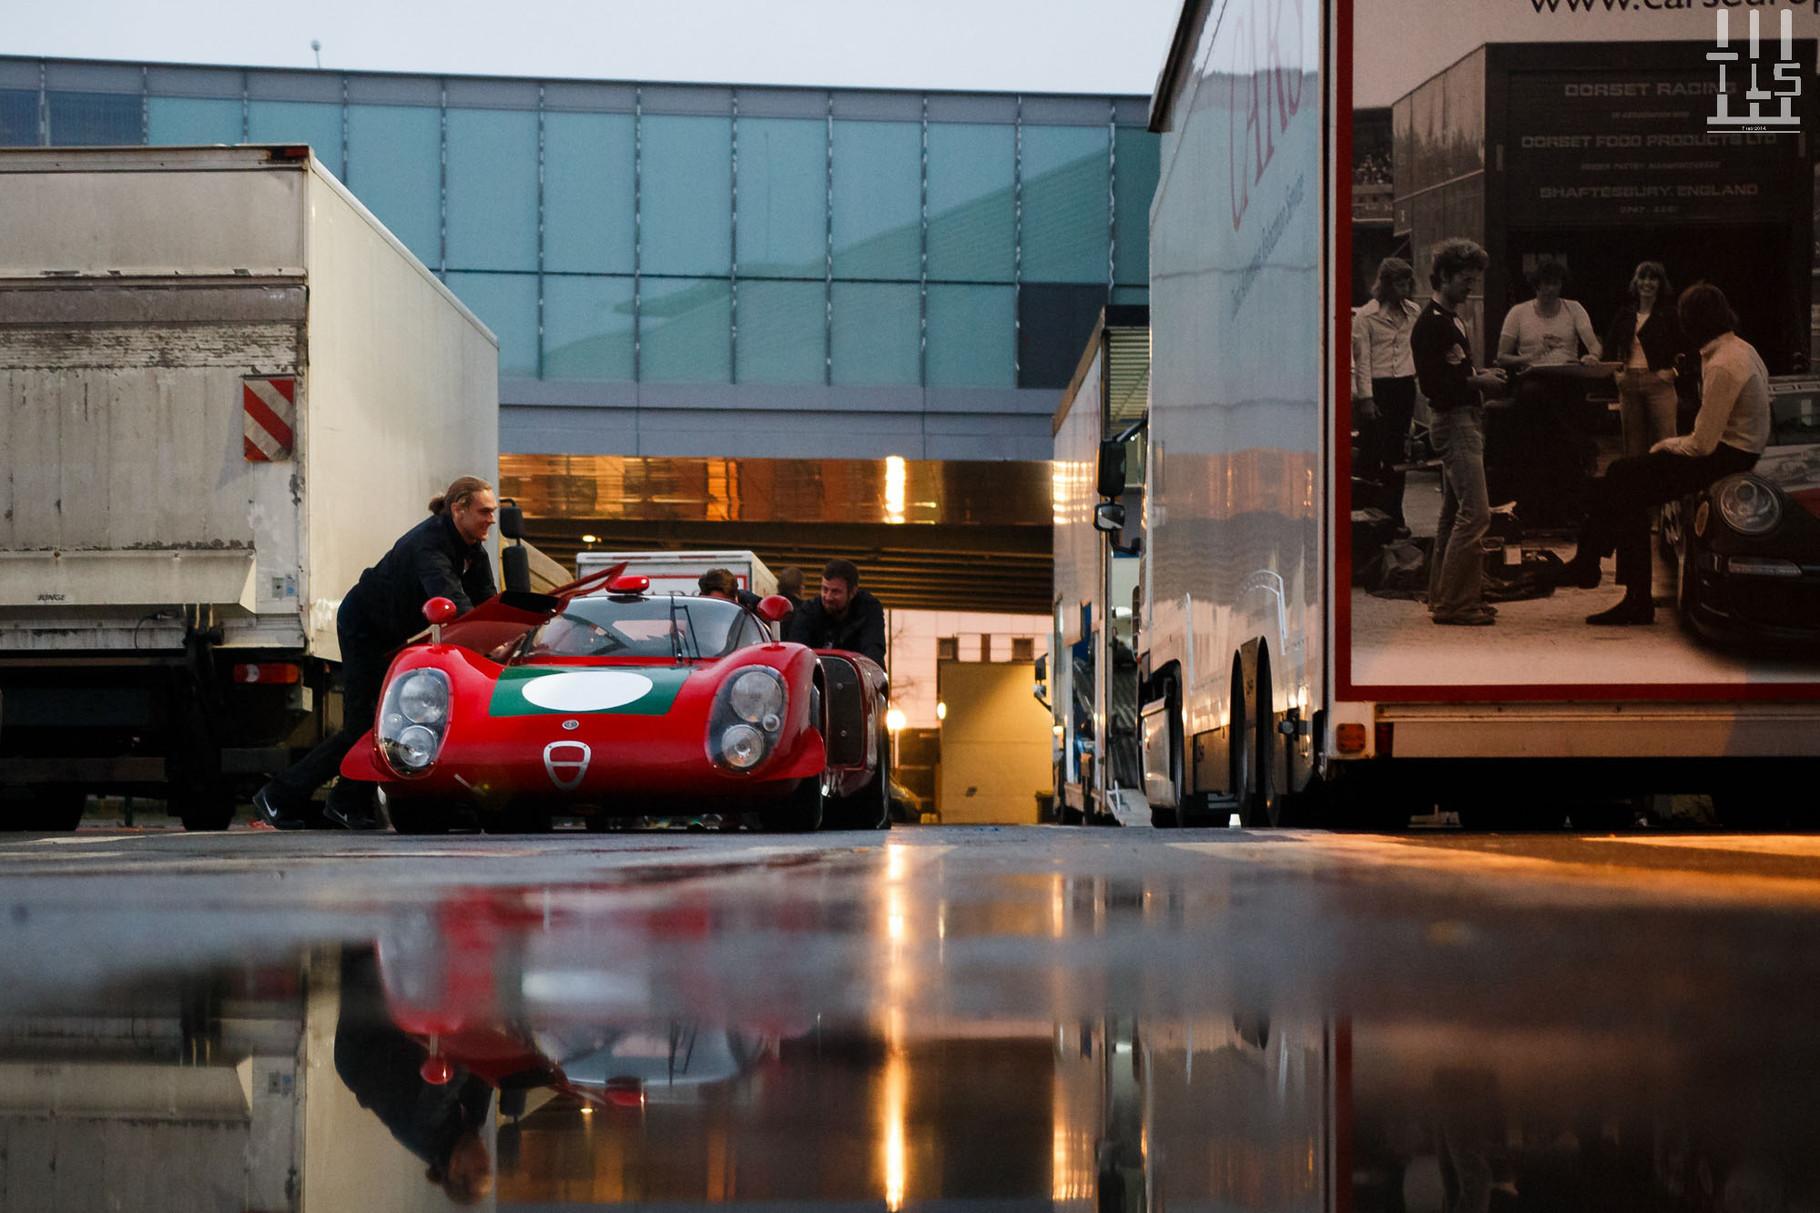 L'Alfa Romeo Tipo 33/2 Daytona Coupé châssis 019 aura l'honneur de se faire pousser jusqu'à son stand, j'ai nommé ... Fiskens !